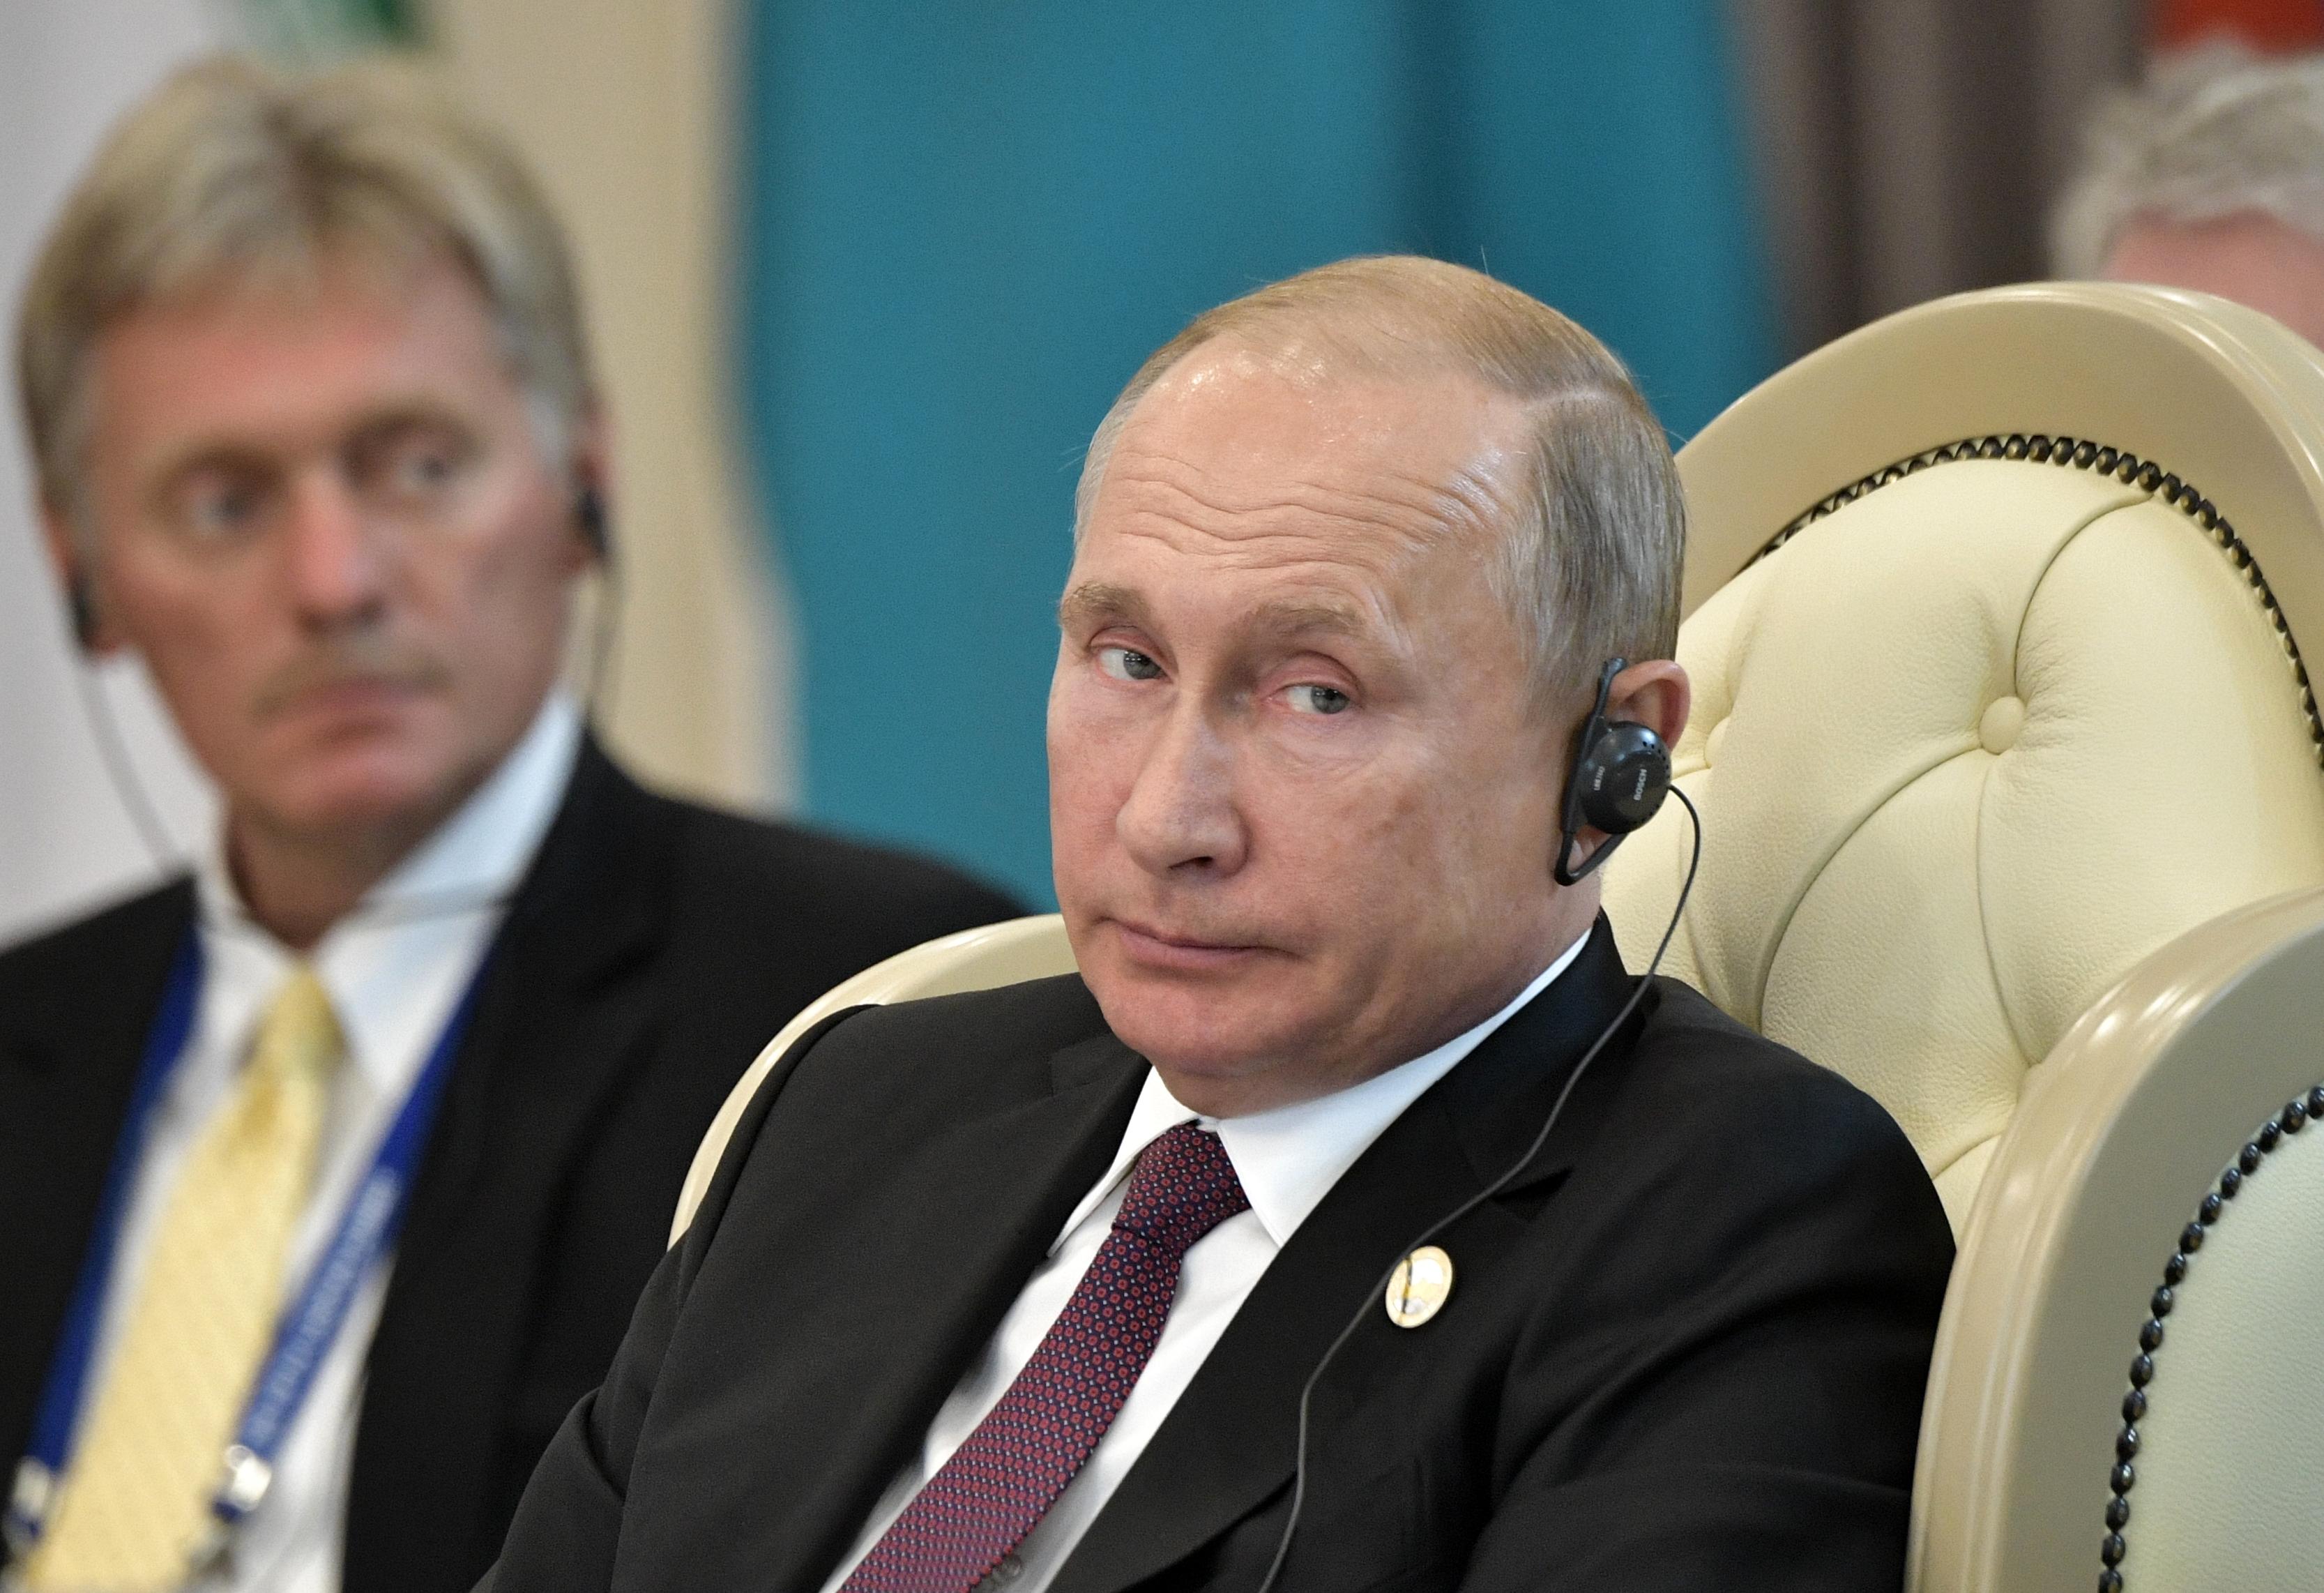 Putyin az LMBTQ-mozgalomról: Már 5 vagy 6 nem van. Transzformerek... transz... nem is értem